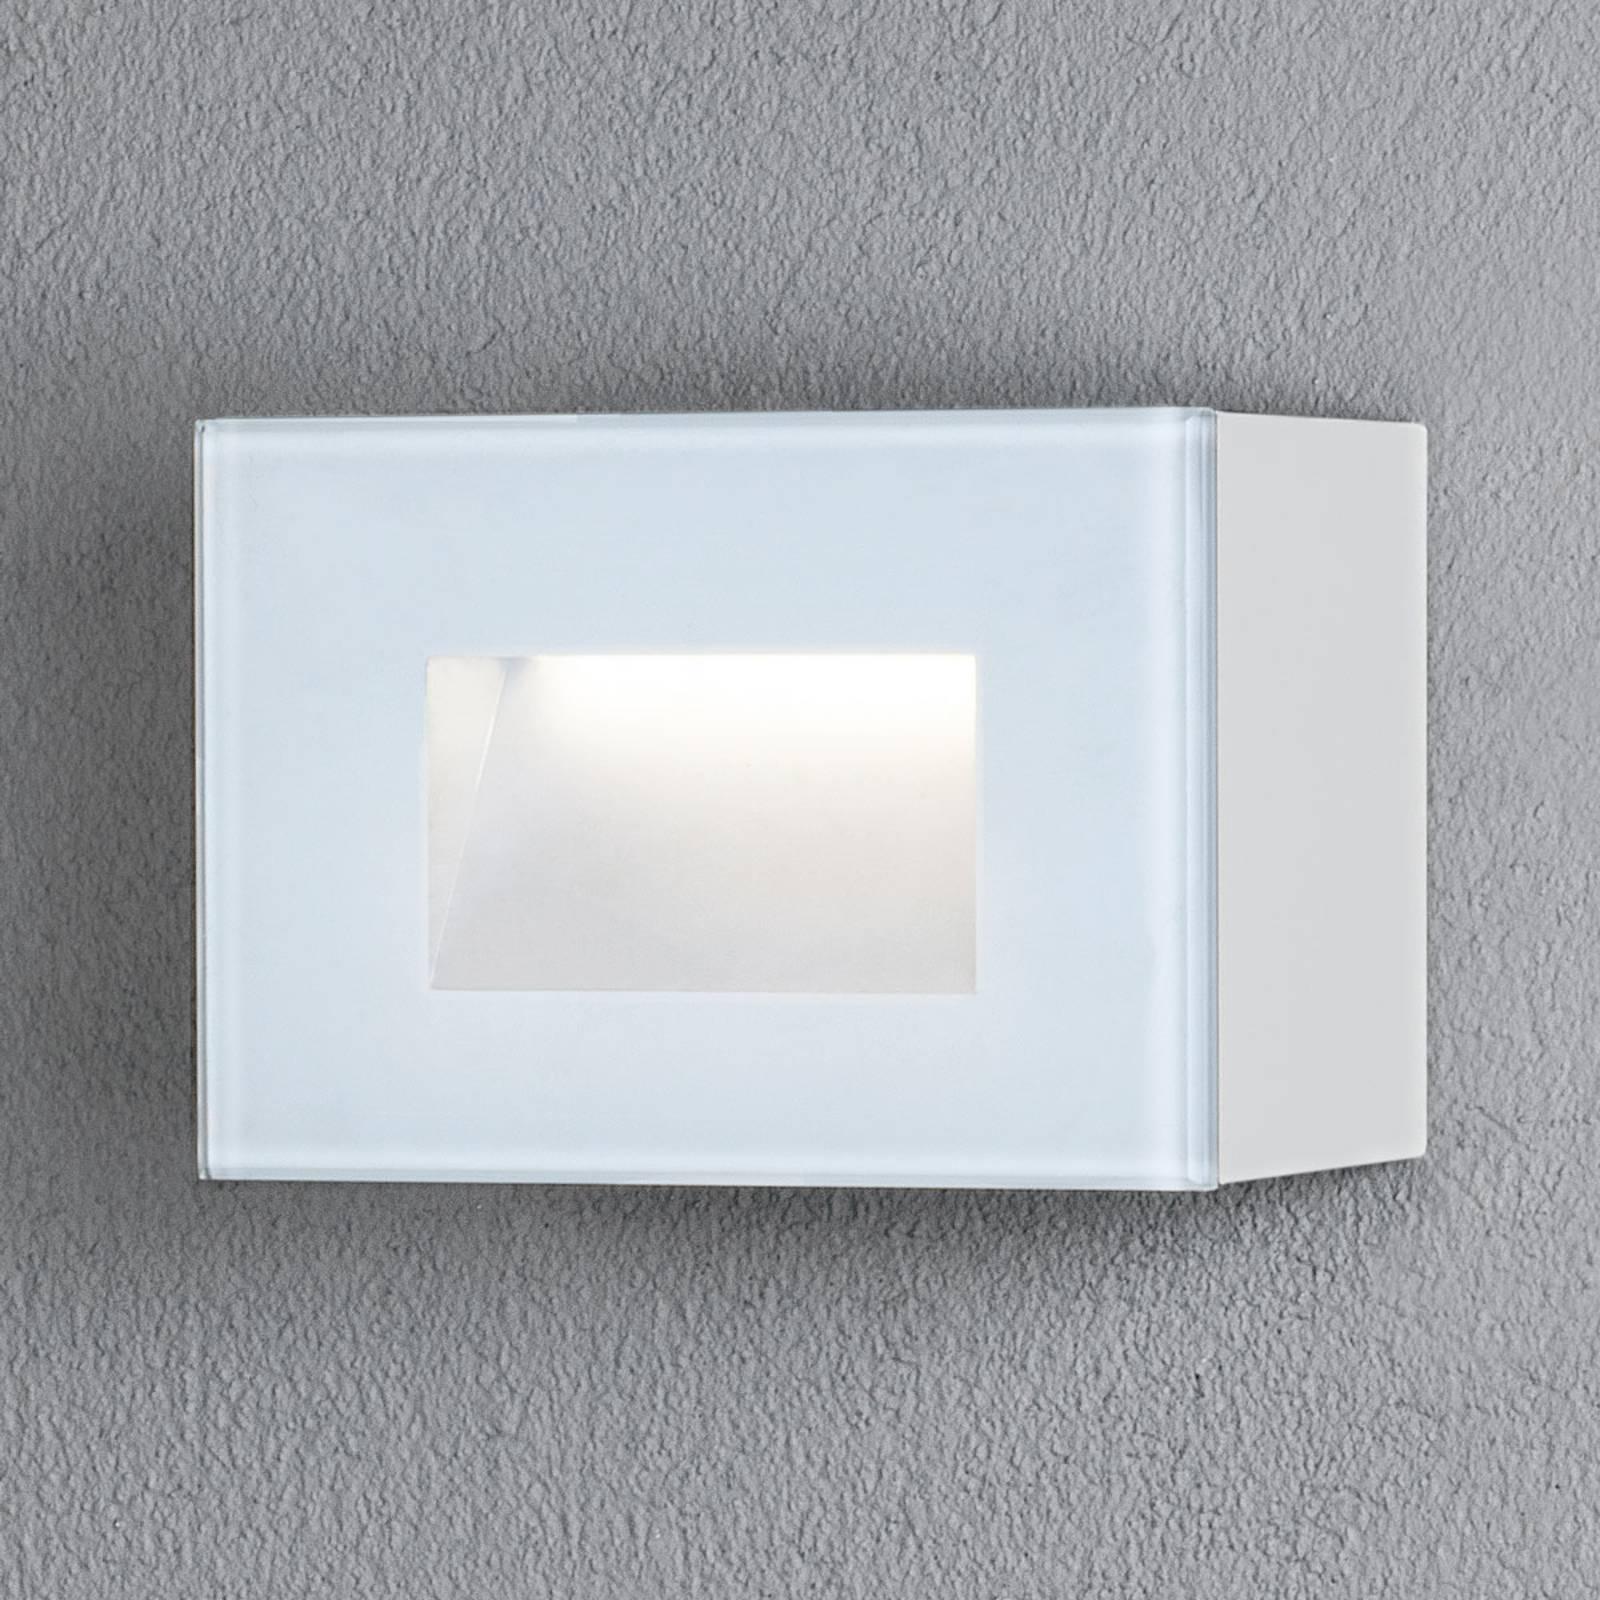 LED-ulkoseinälamppu Chieri, 12 x 8 cm, valkoinen